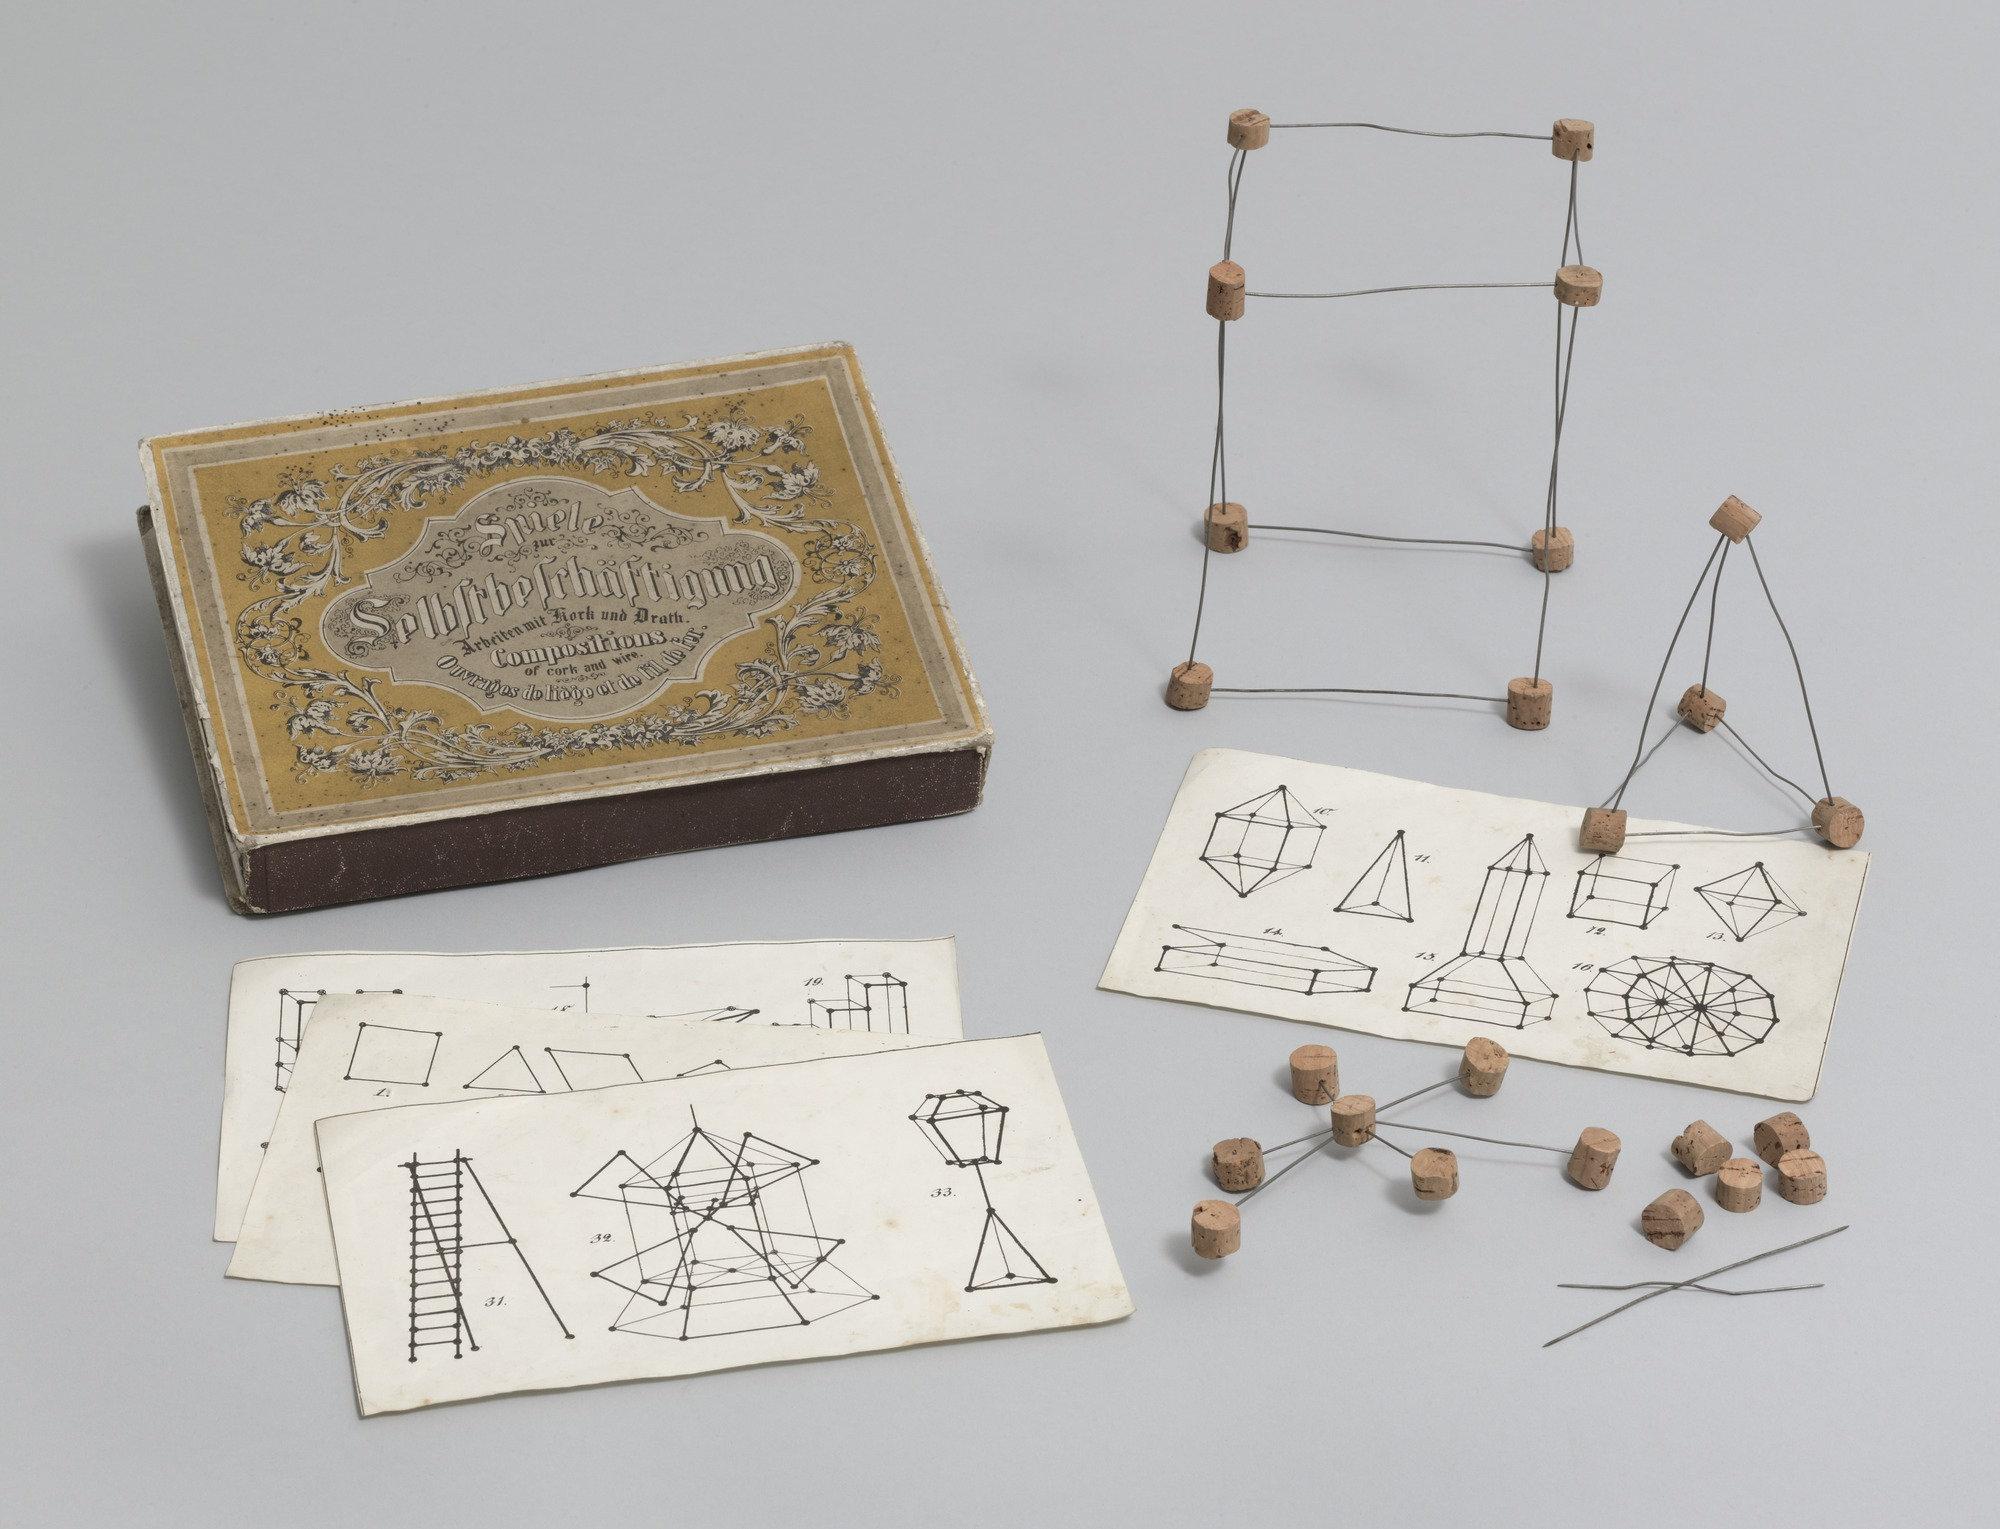 Peas work c.1880-1900